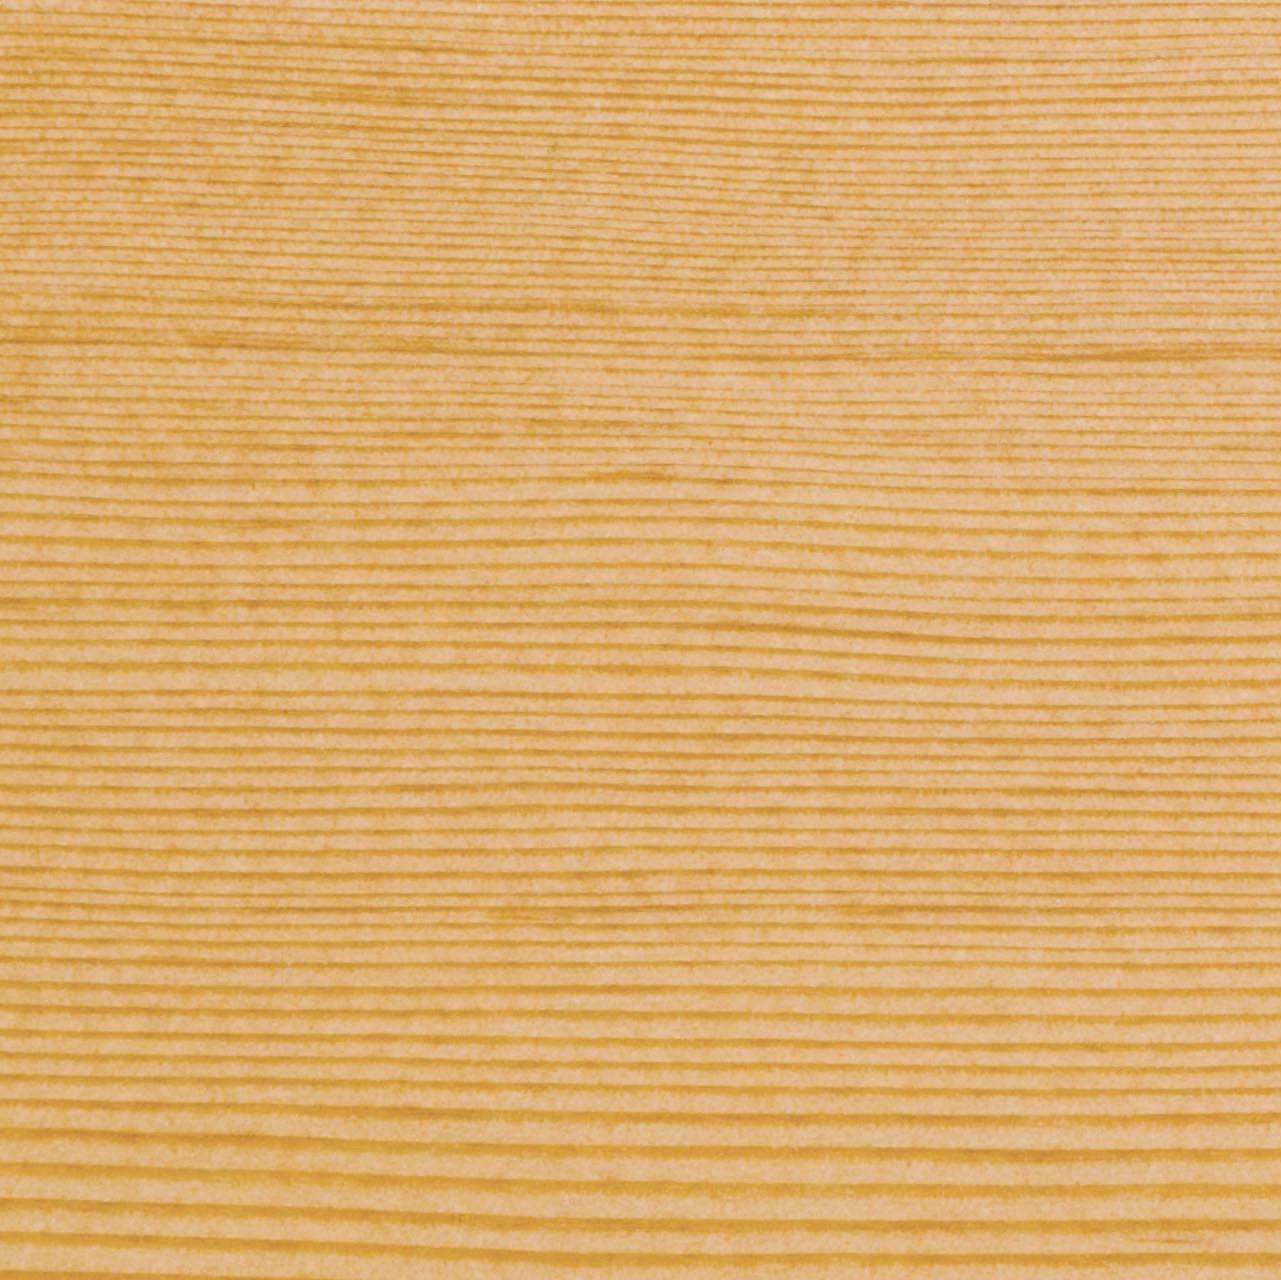 Legno grezzo douglas tavola di douglas grezzo 8 x 15 x 305 cm - Tavole legno massello grezzo ...